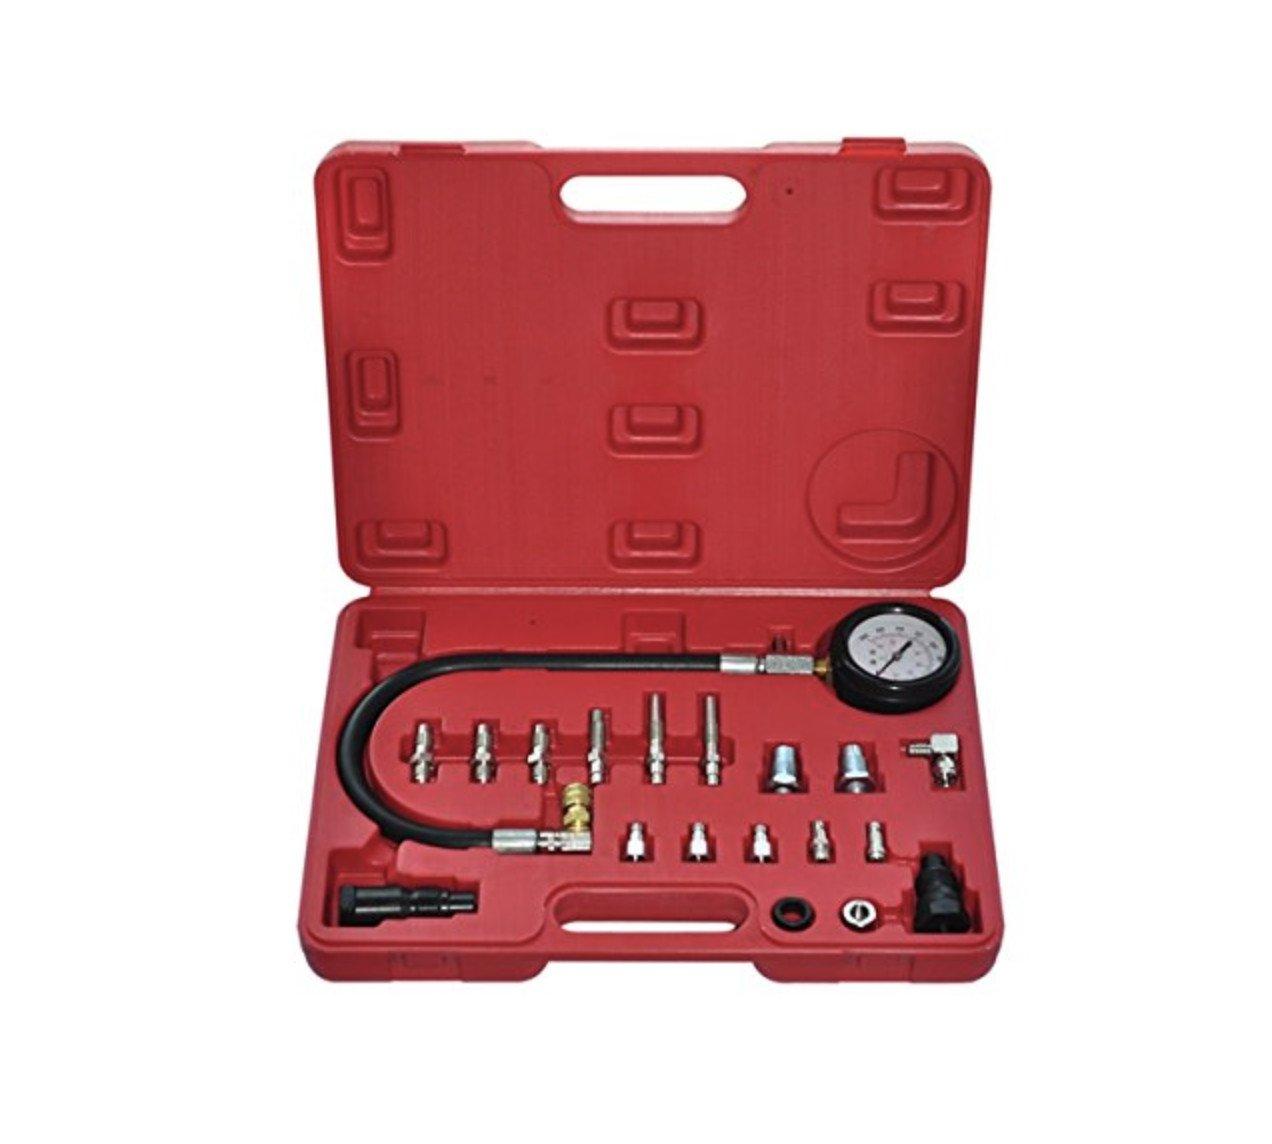 durable service Witss Testeur de compression pour moteurs kit test testeur jauge diesel outil de garage 19 pièce 0-70bars ou 1000 psi neuf 16